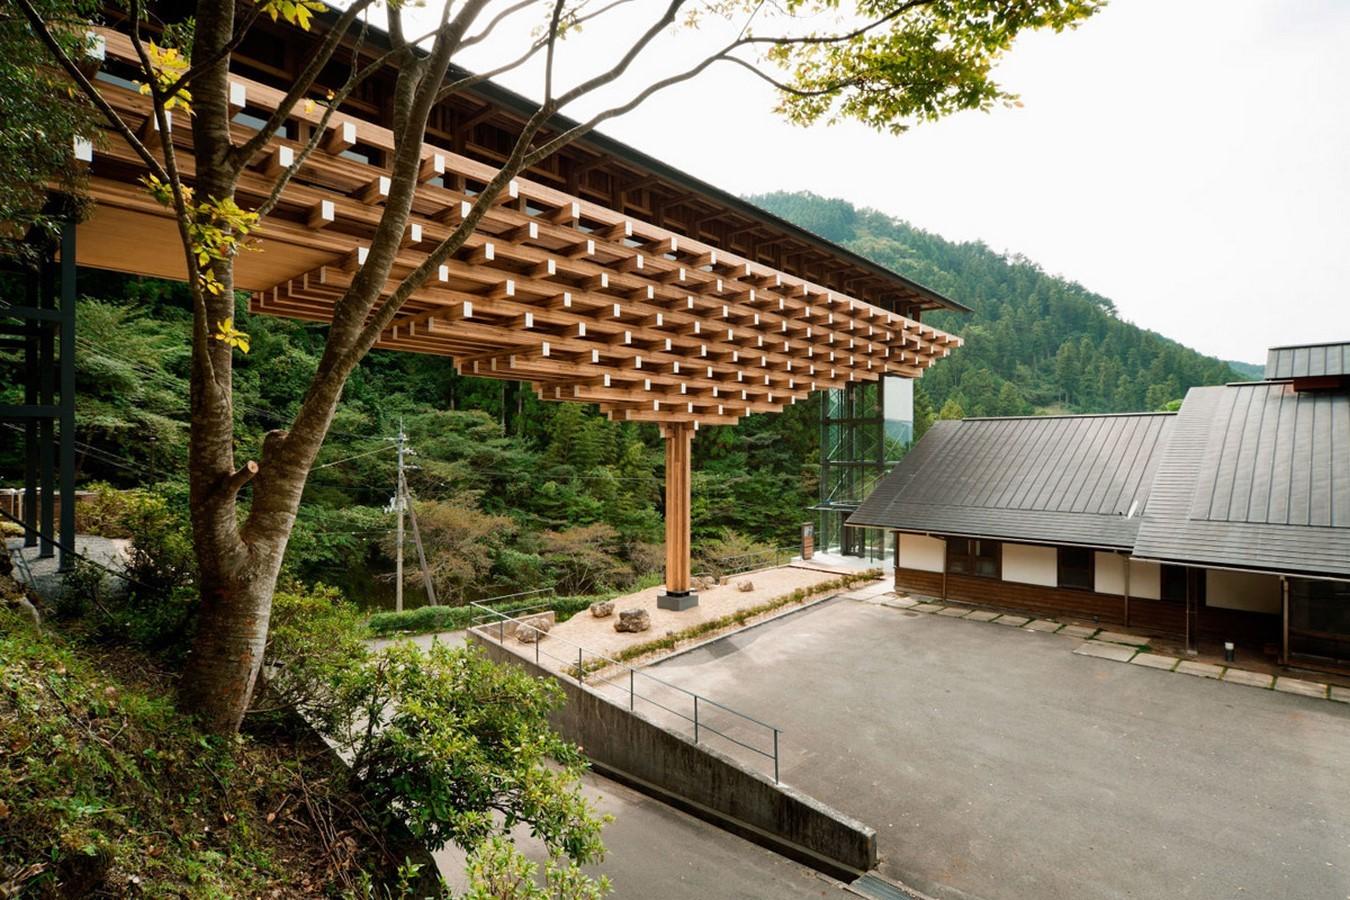 Yusuhara Wooden Bridge Museum - Sheet2